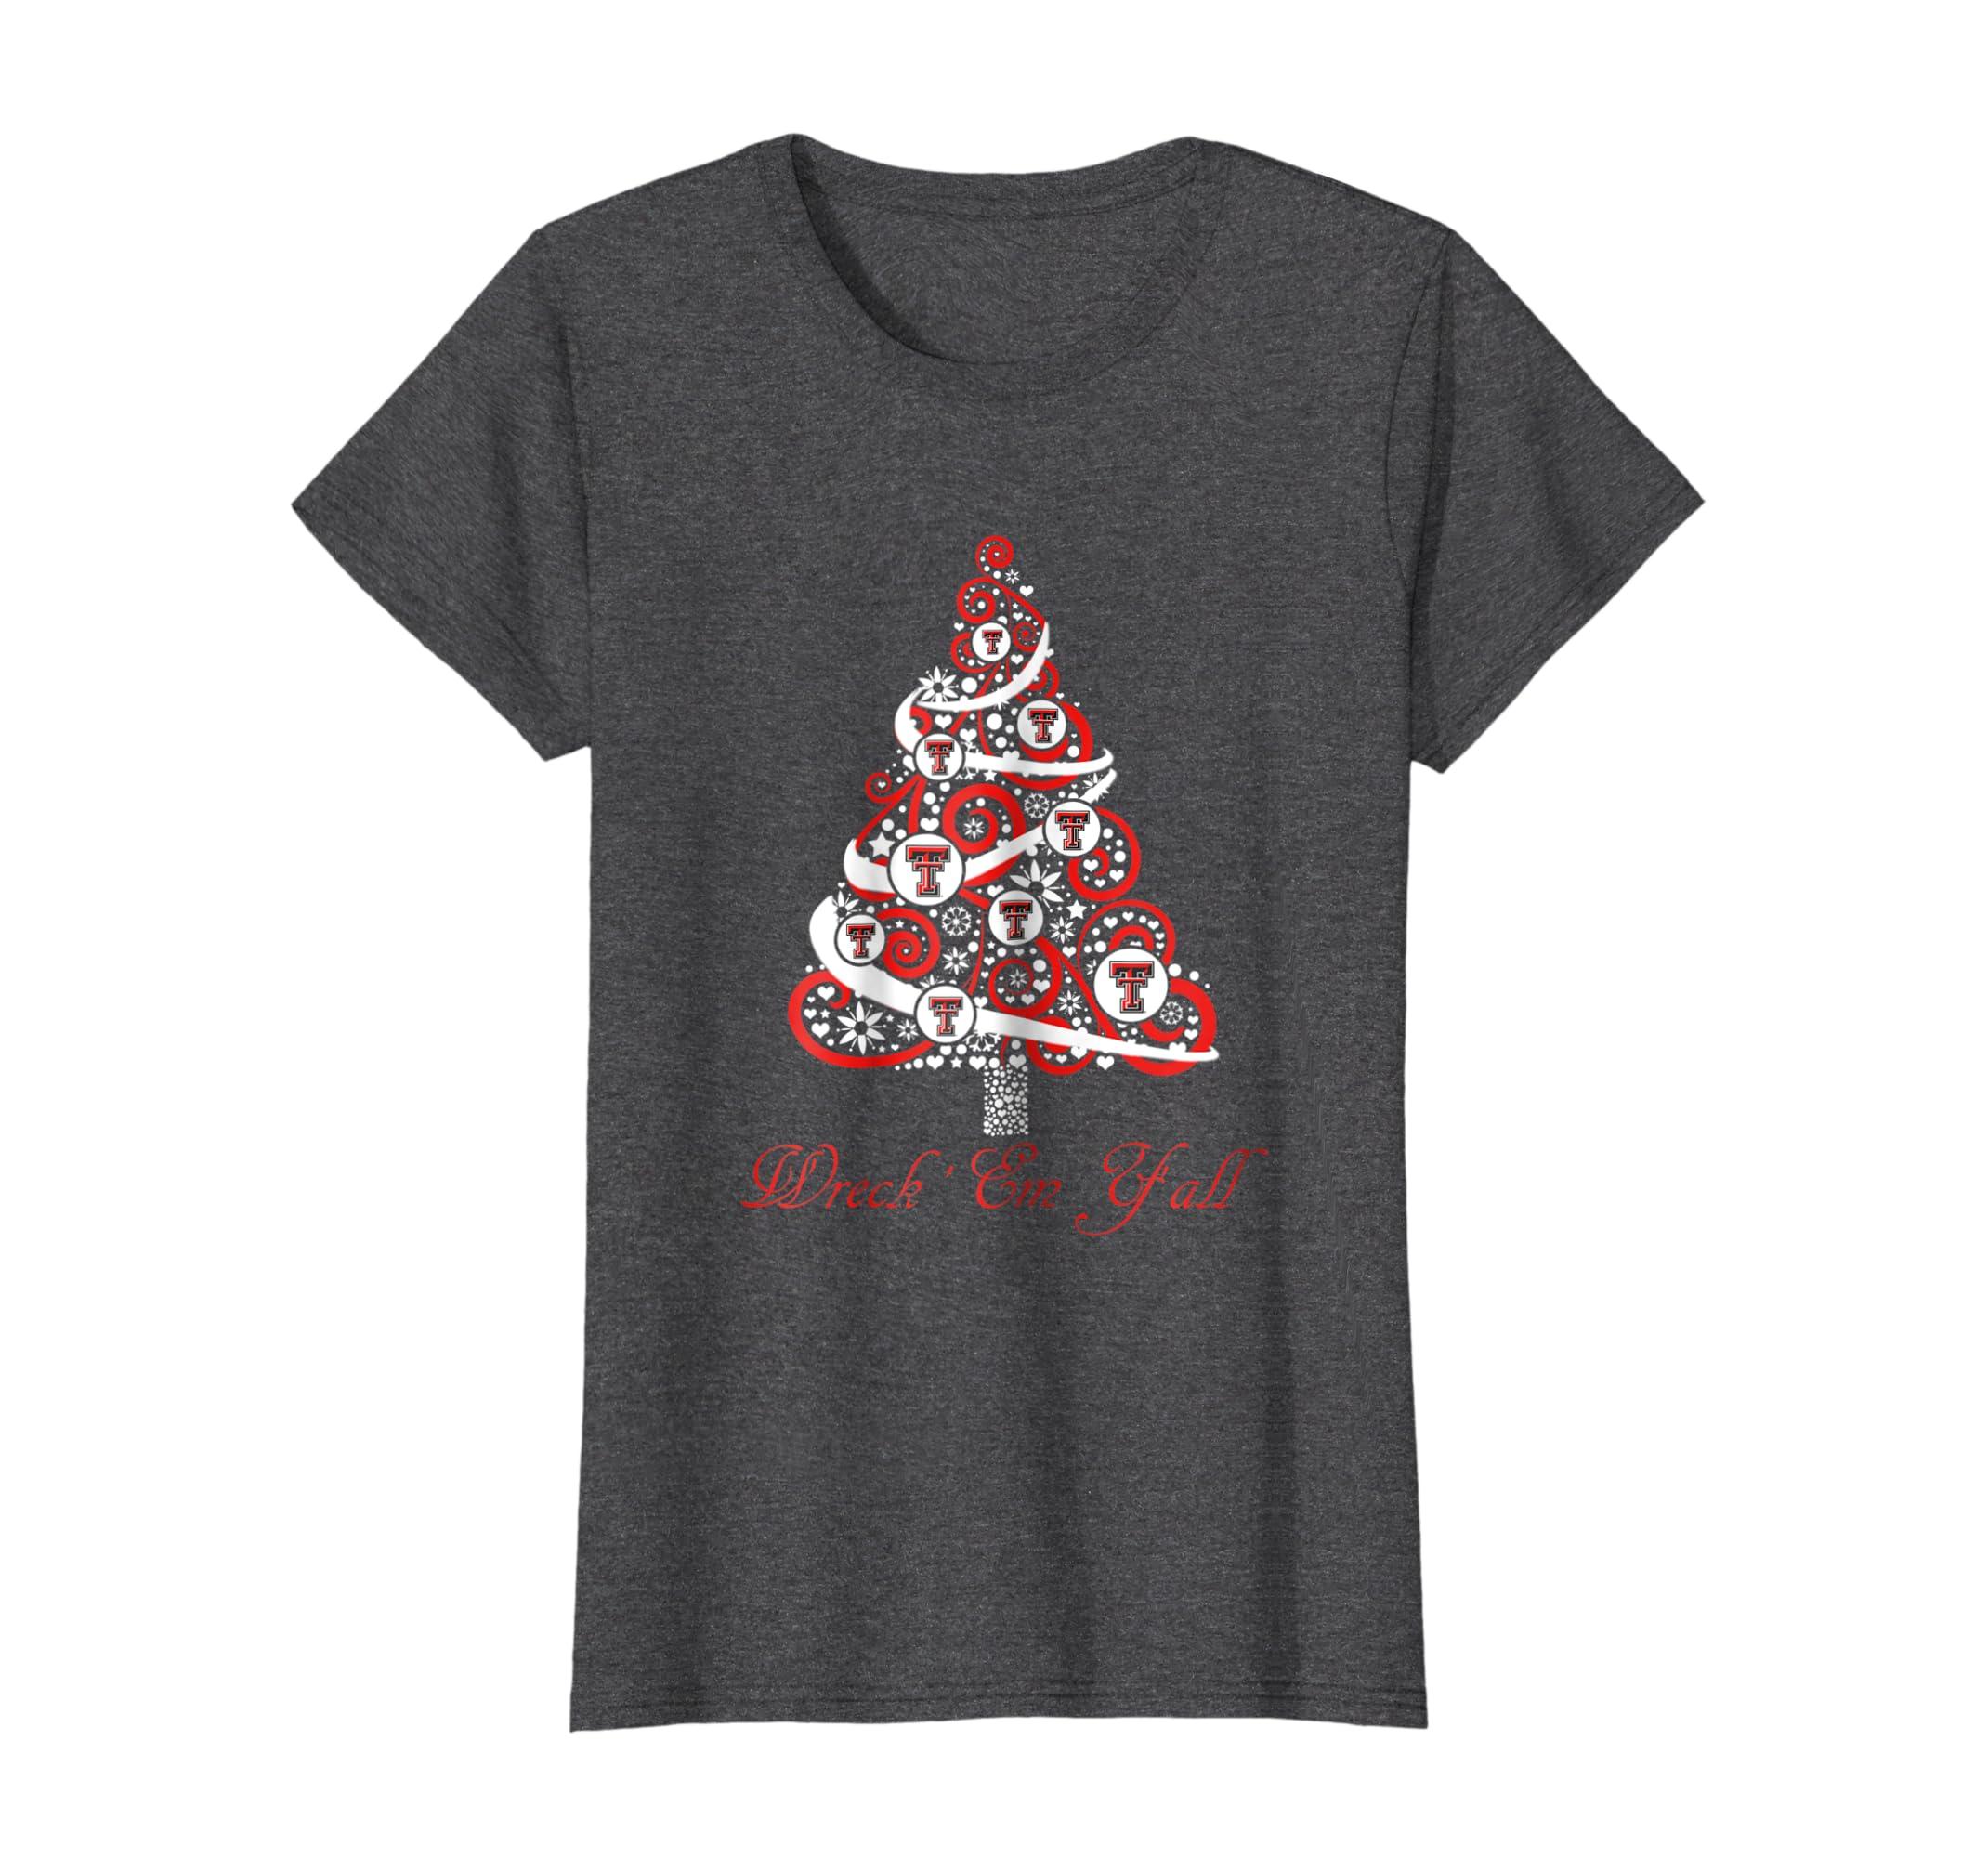 Amazon.com  Texas Tech Red Raiders Christmas Tree T-Shirt - Apparel   Clothing f152fc4a9